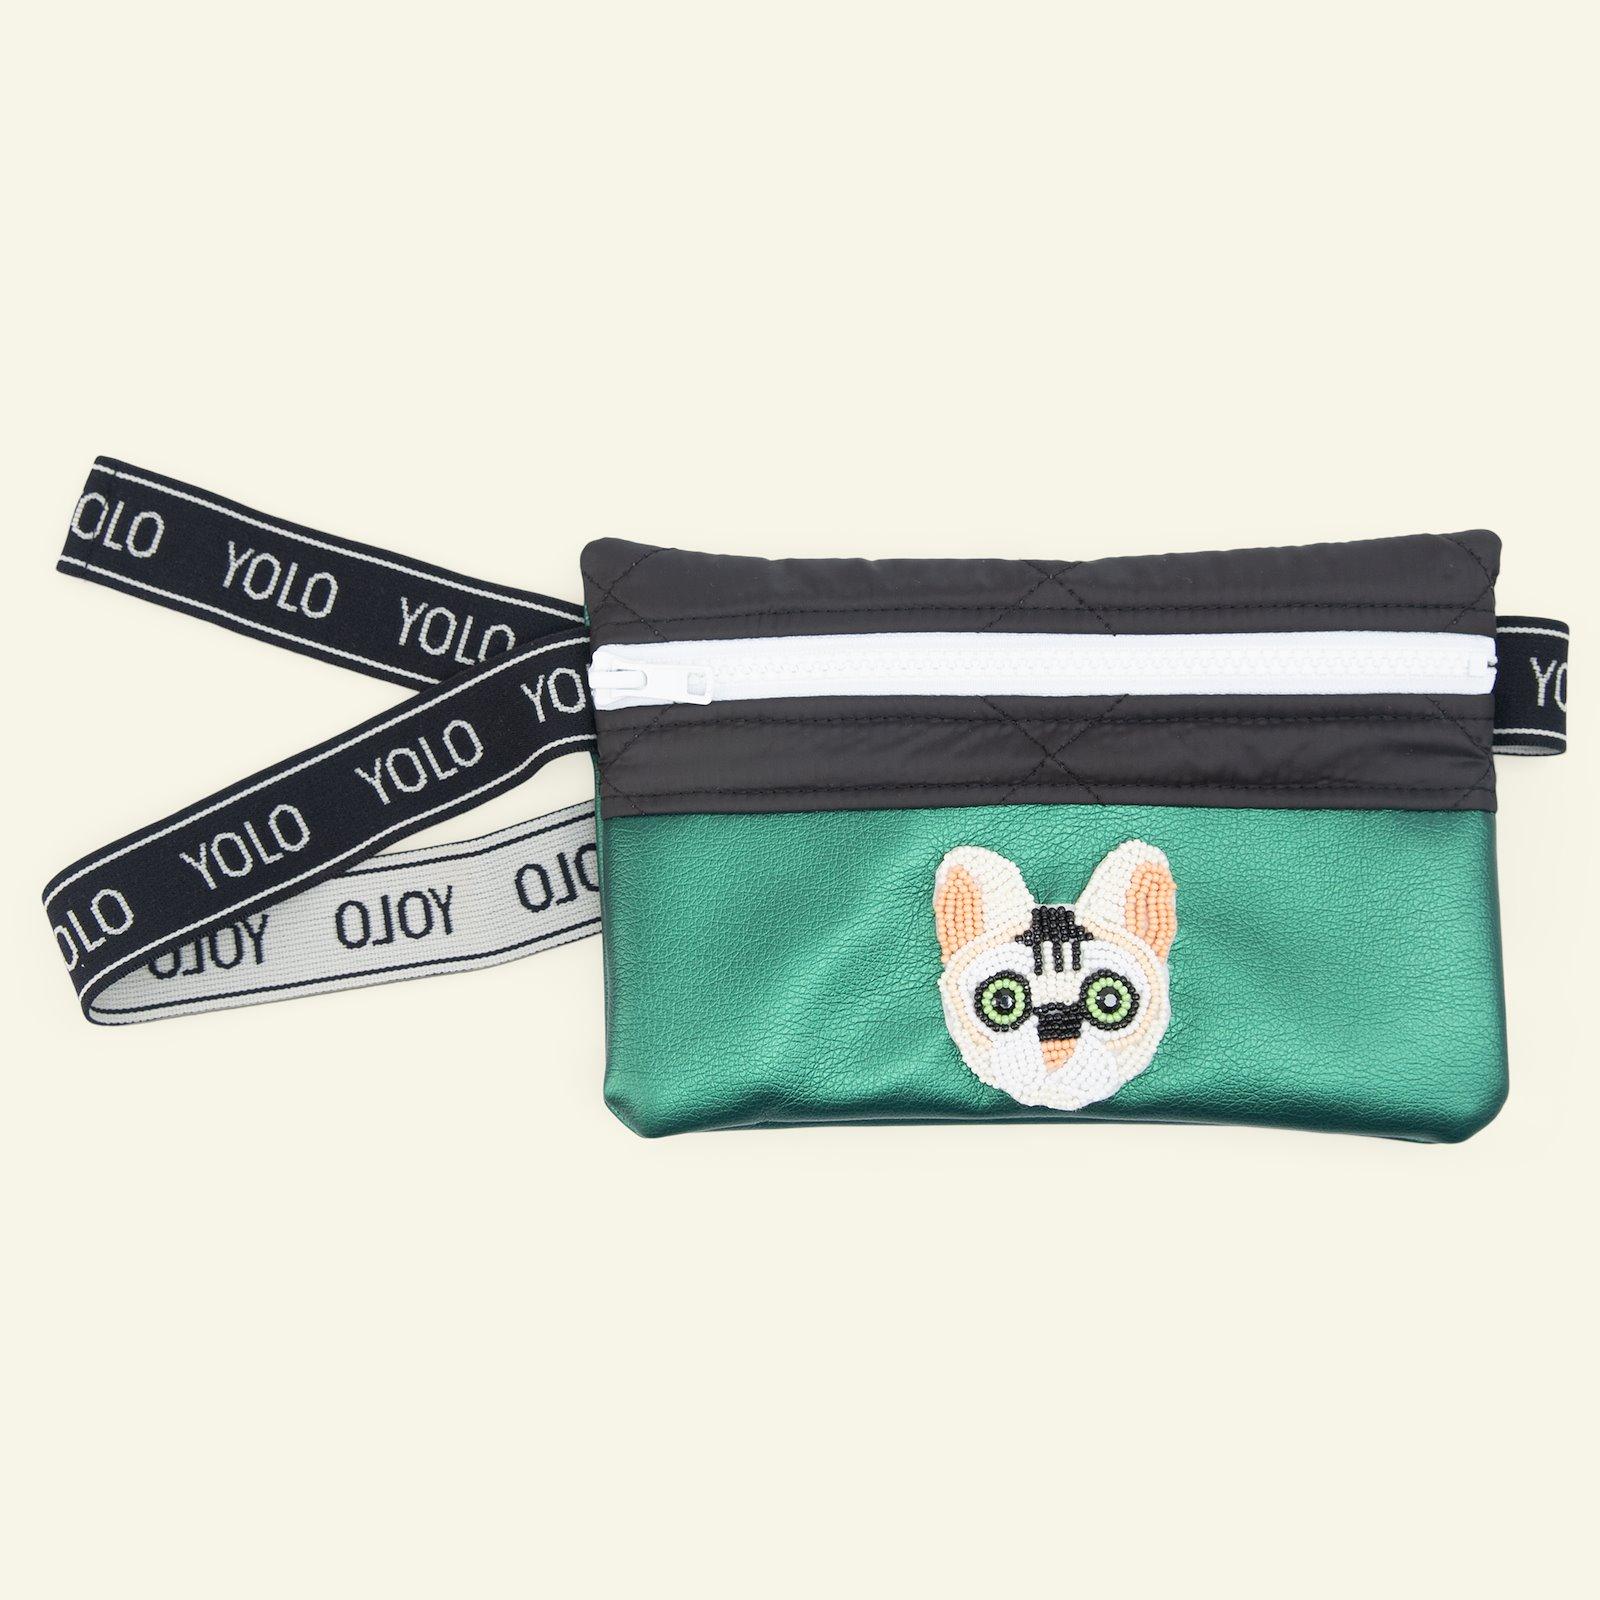 Mini bum bag p90328_920215_824044_3509078_43501_26501_sskit